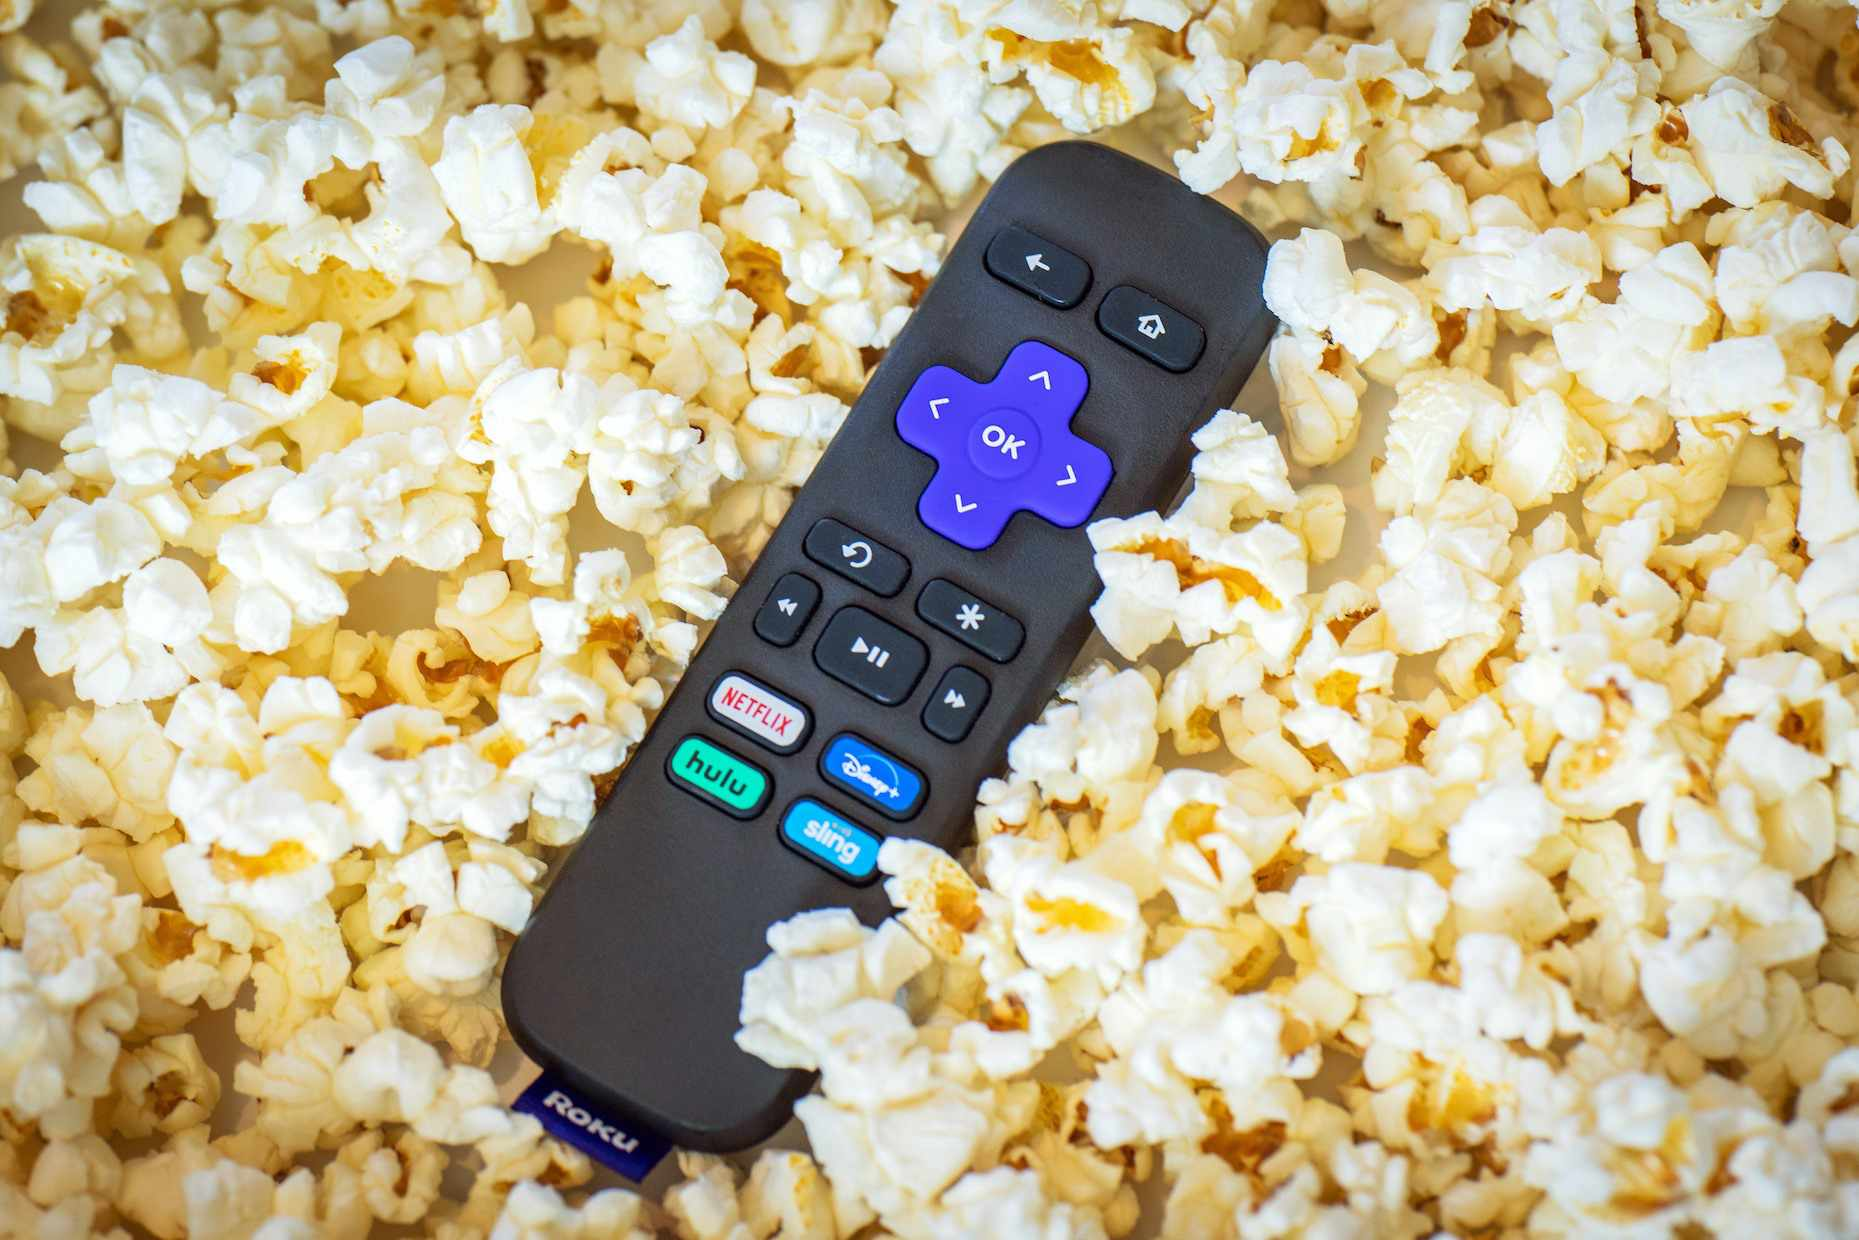 Roku Remote in popcorn